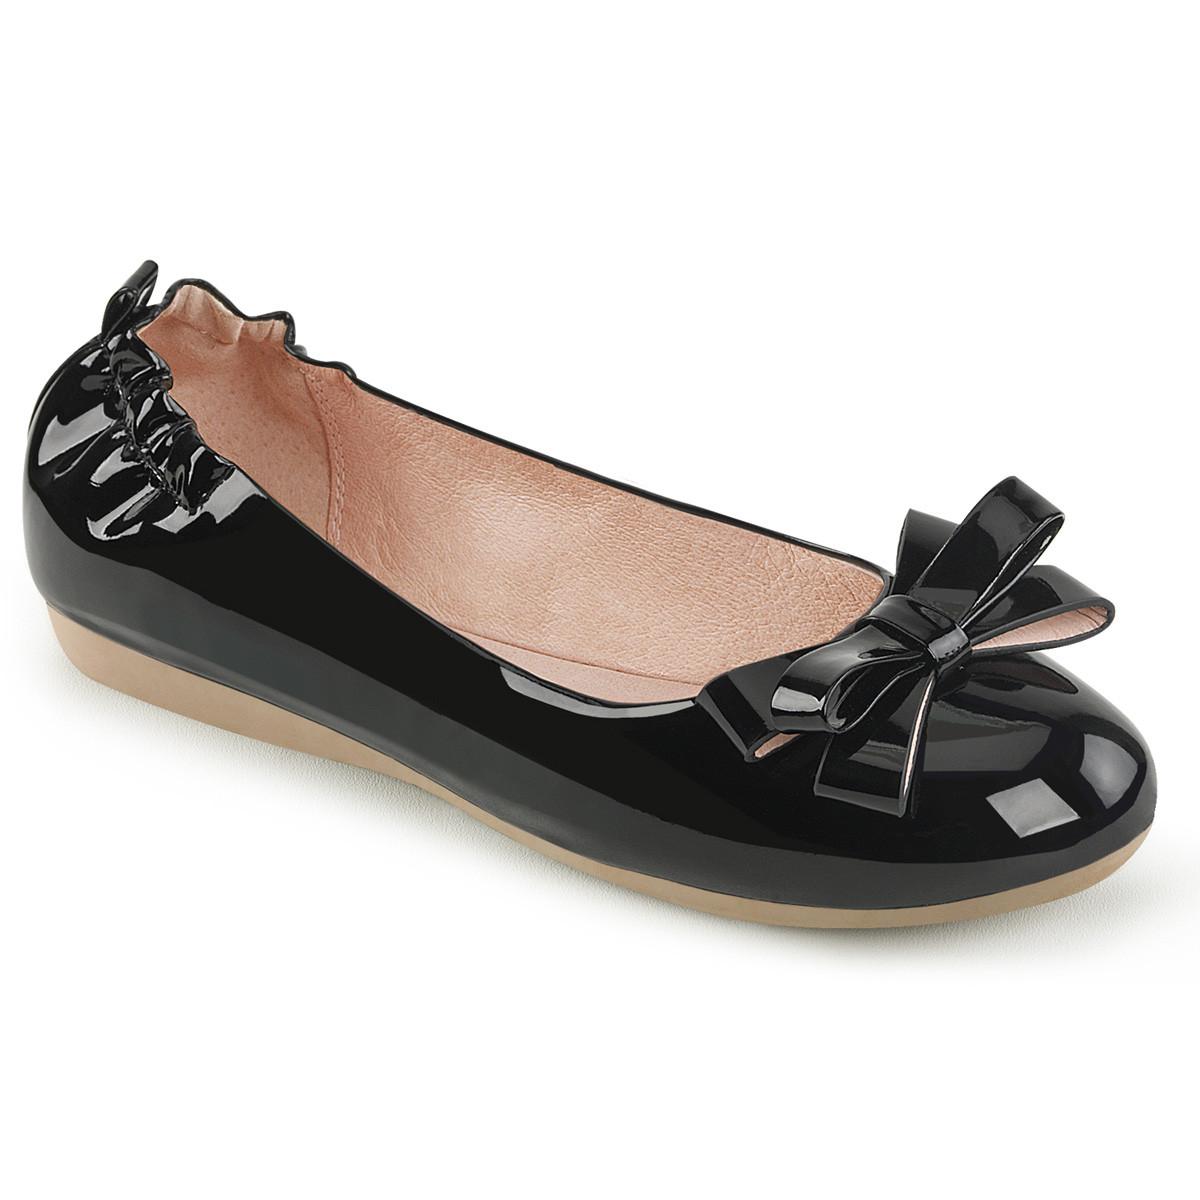 Ballerinas - OLIVE 03 ° Damen Ballerina ° Schwarz ° Lack ° Pin Up Couture  - Onlineshop RedSixty